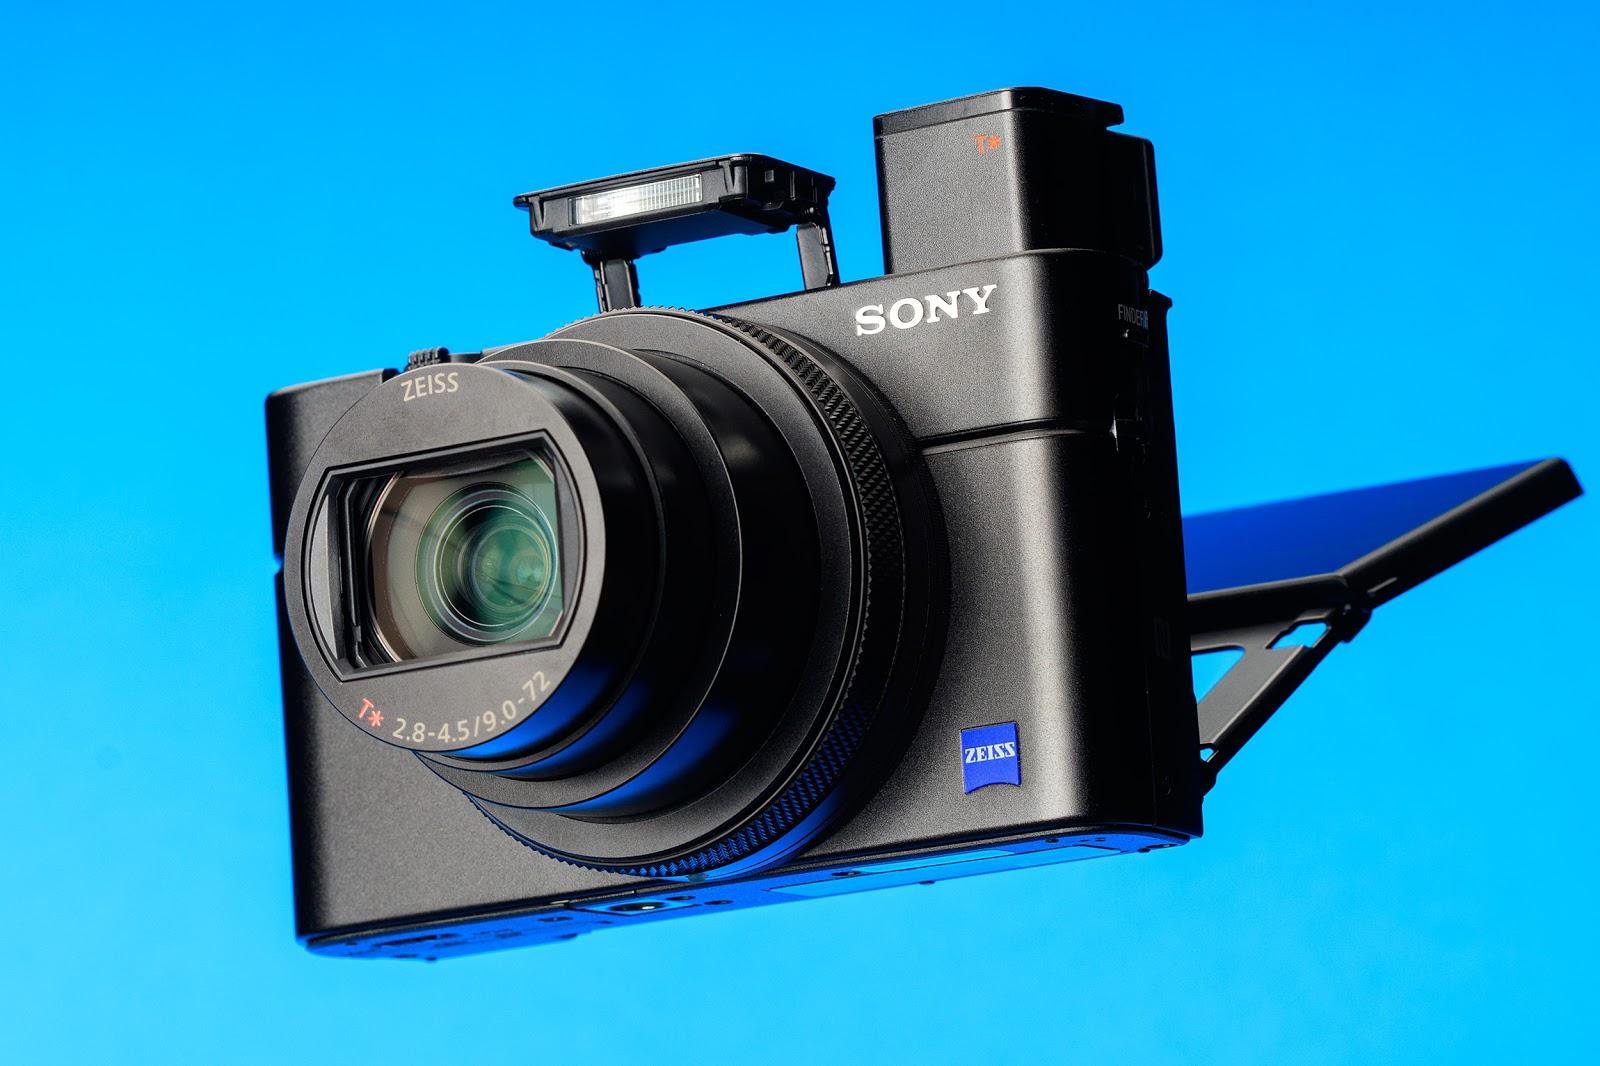 """Loạt máy ảnh đáng đầu tư cho những chuyến du lịch đạt chuẩn """"sang chảnh"""" - Ảnh 4."""